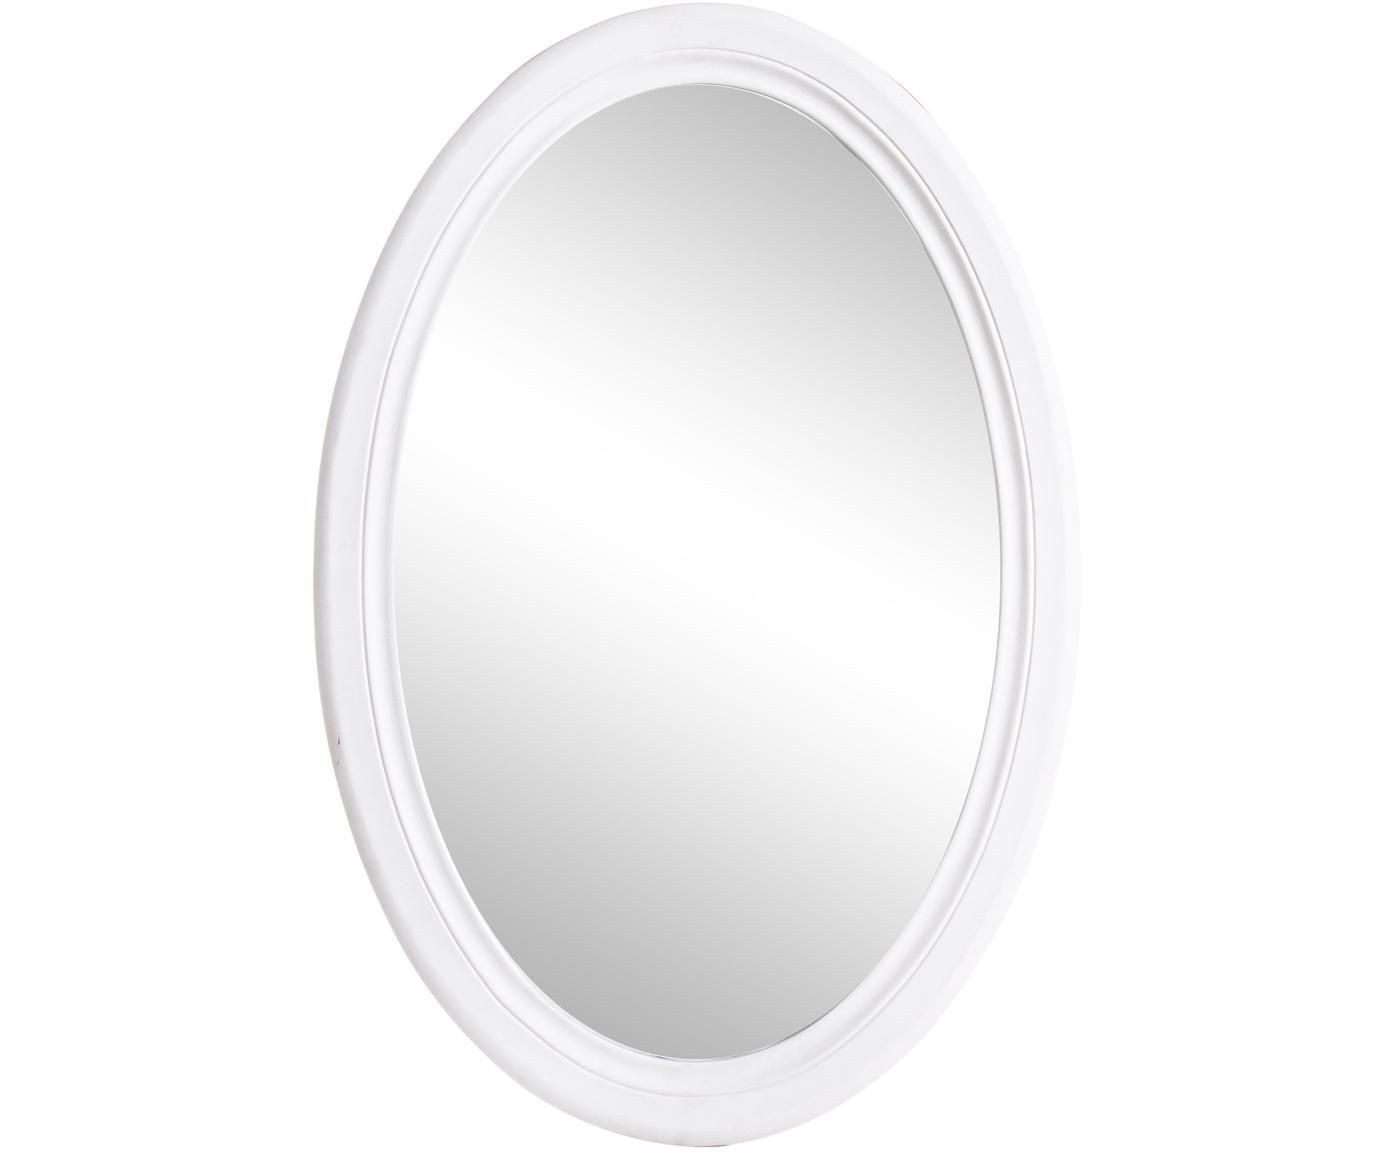 Owalne lustro ścienne z drewna Daisy, Biały, S 48 x W 70 cm